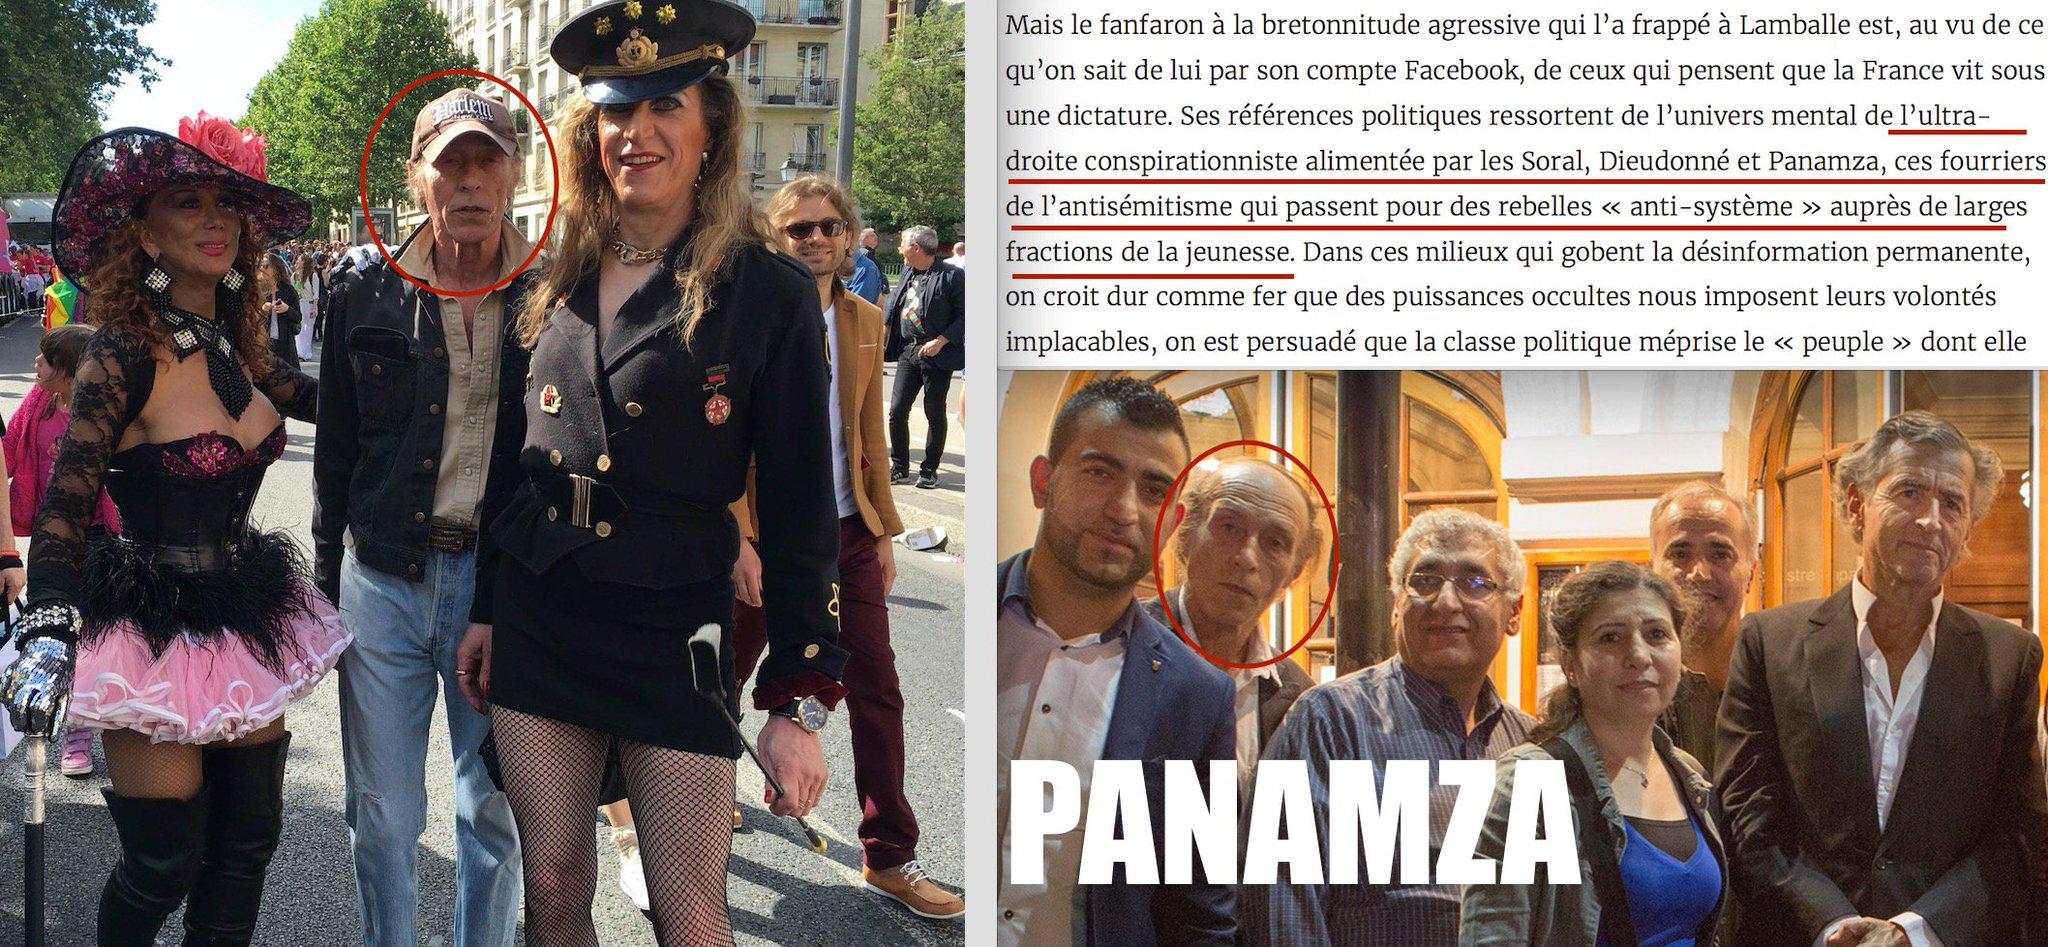 Il déteste Panamza et compare les musulmanes voilées à des nazis : découvrez Bernard Schalscha, porte-flingue de BHL